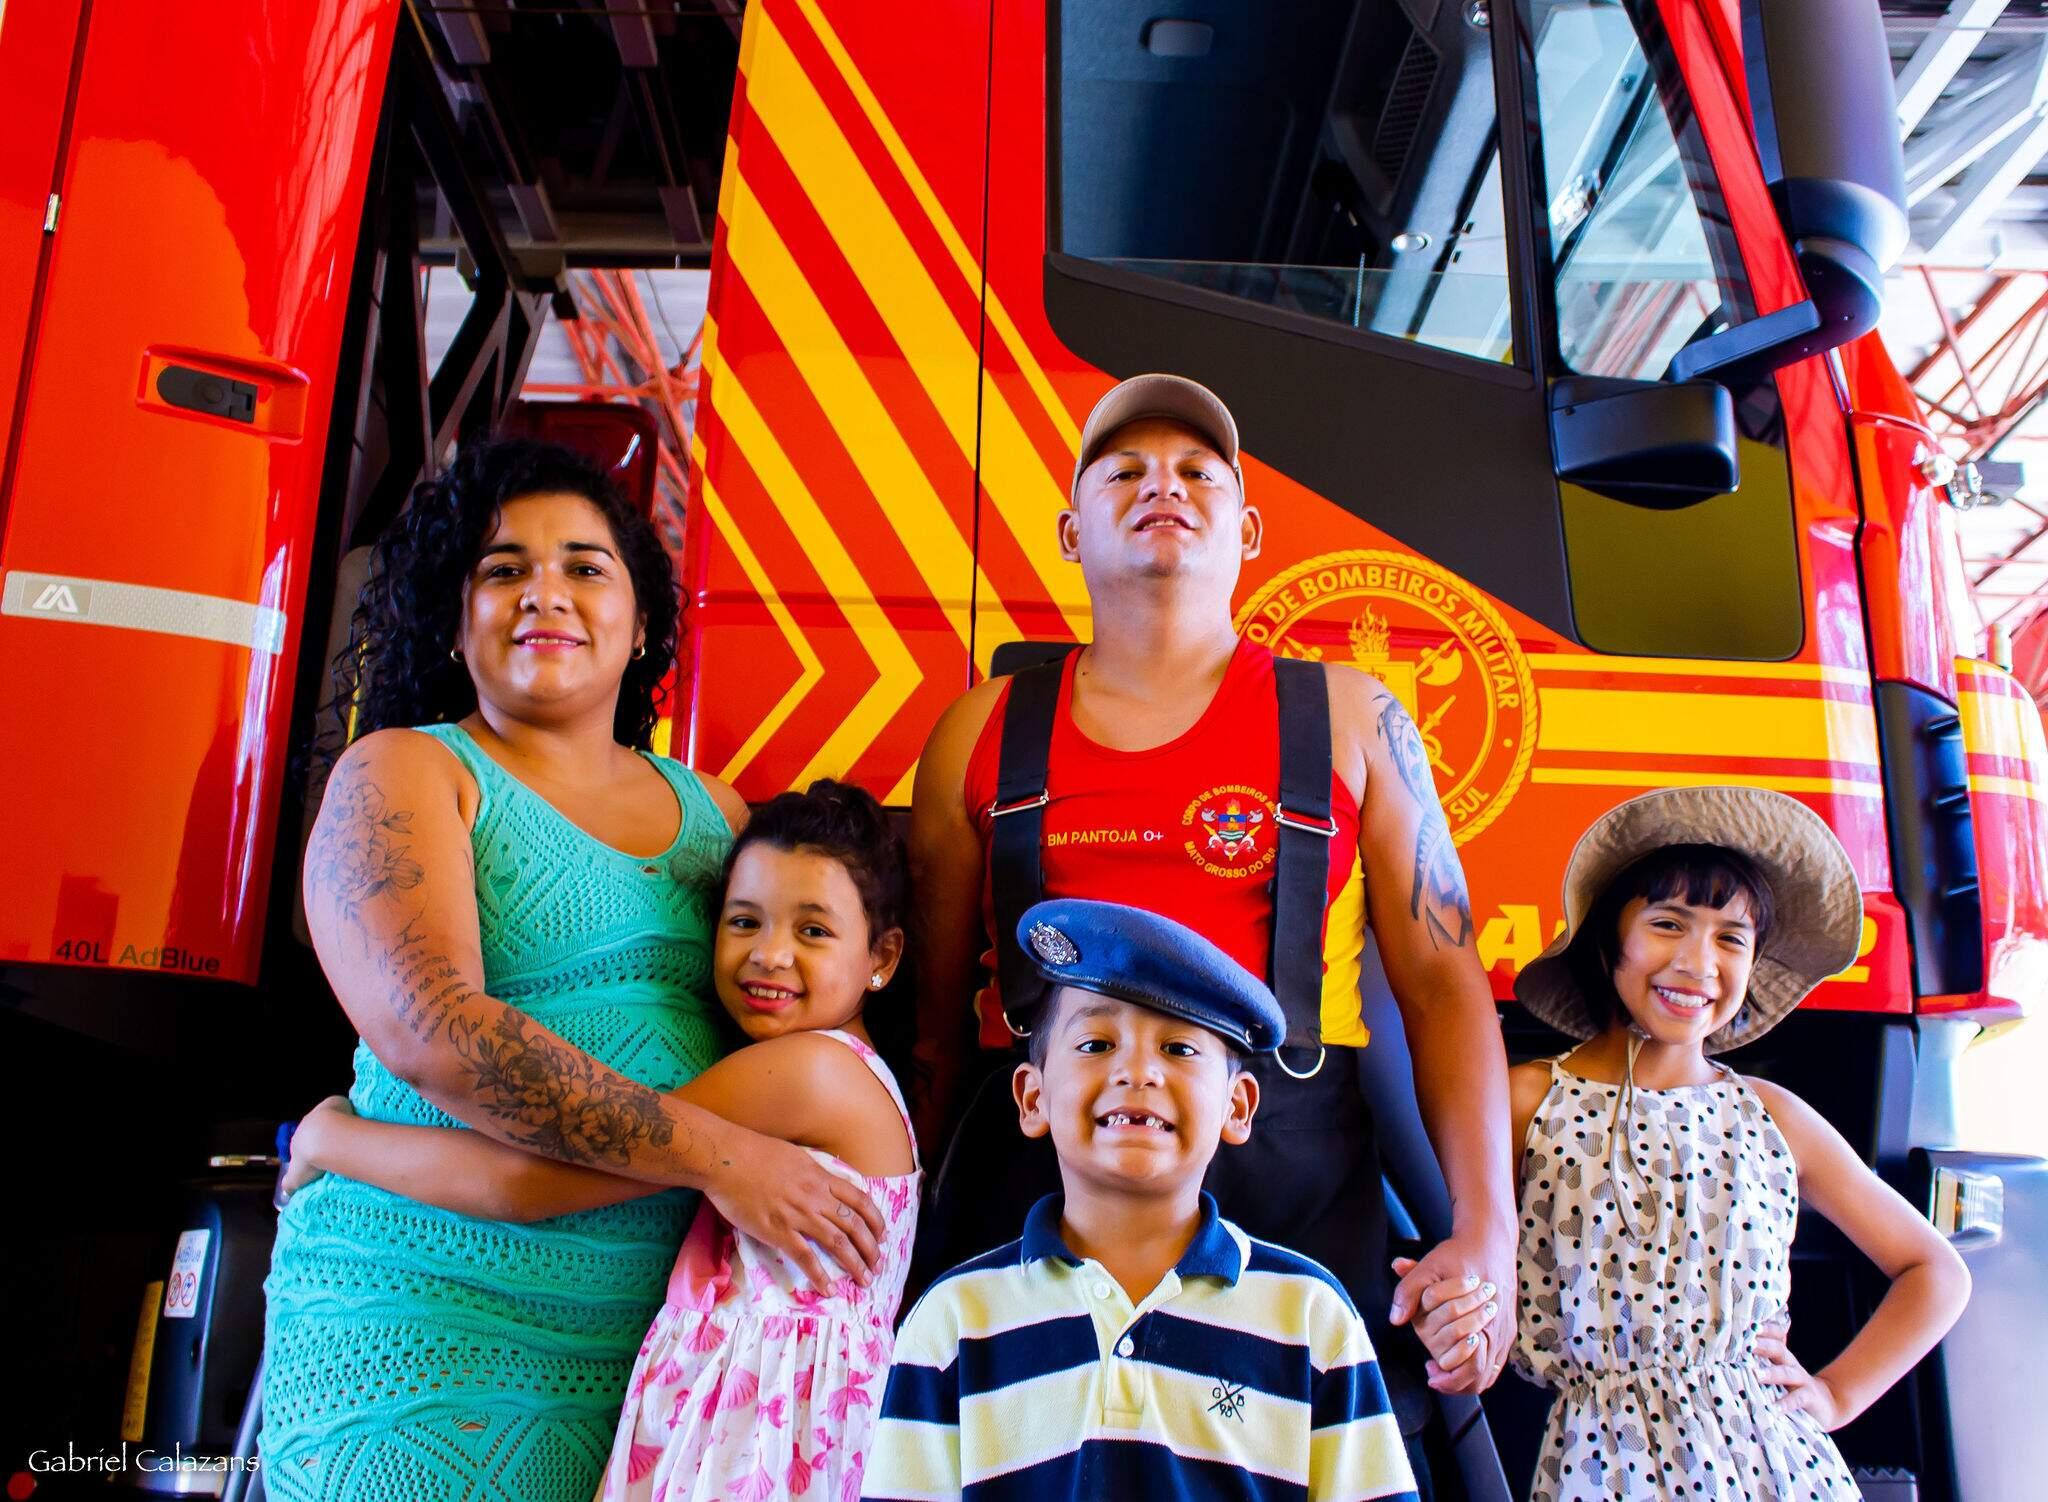 À esquerda, esposa Ana Paula abraça à filha do meio Ana Carolina; na frente o pequeno Bernardo; ao fundo o pai Adriano; e à direita a filha mais velha do casal, Giovana (Foto: Gabriel Calazans)